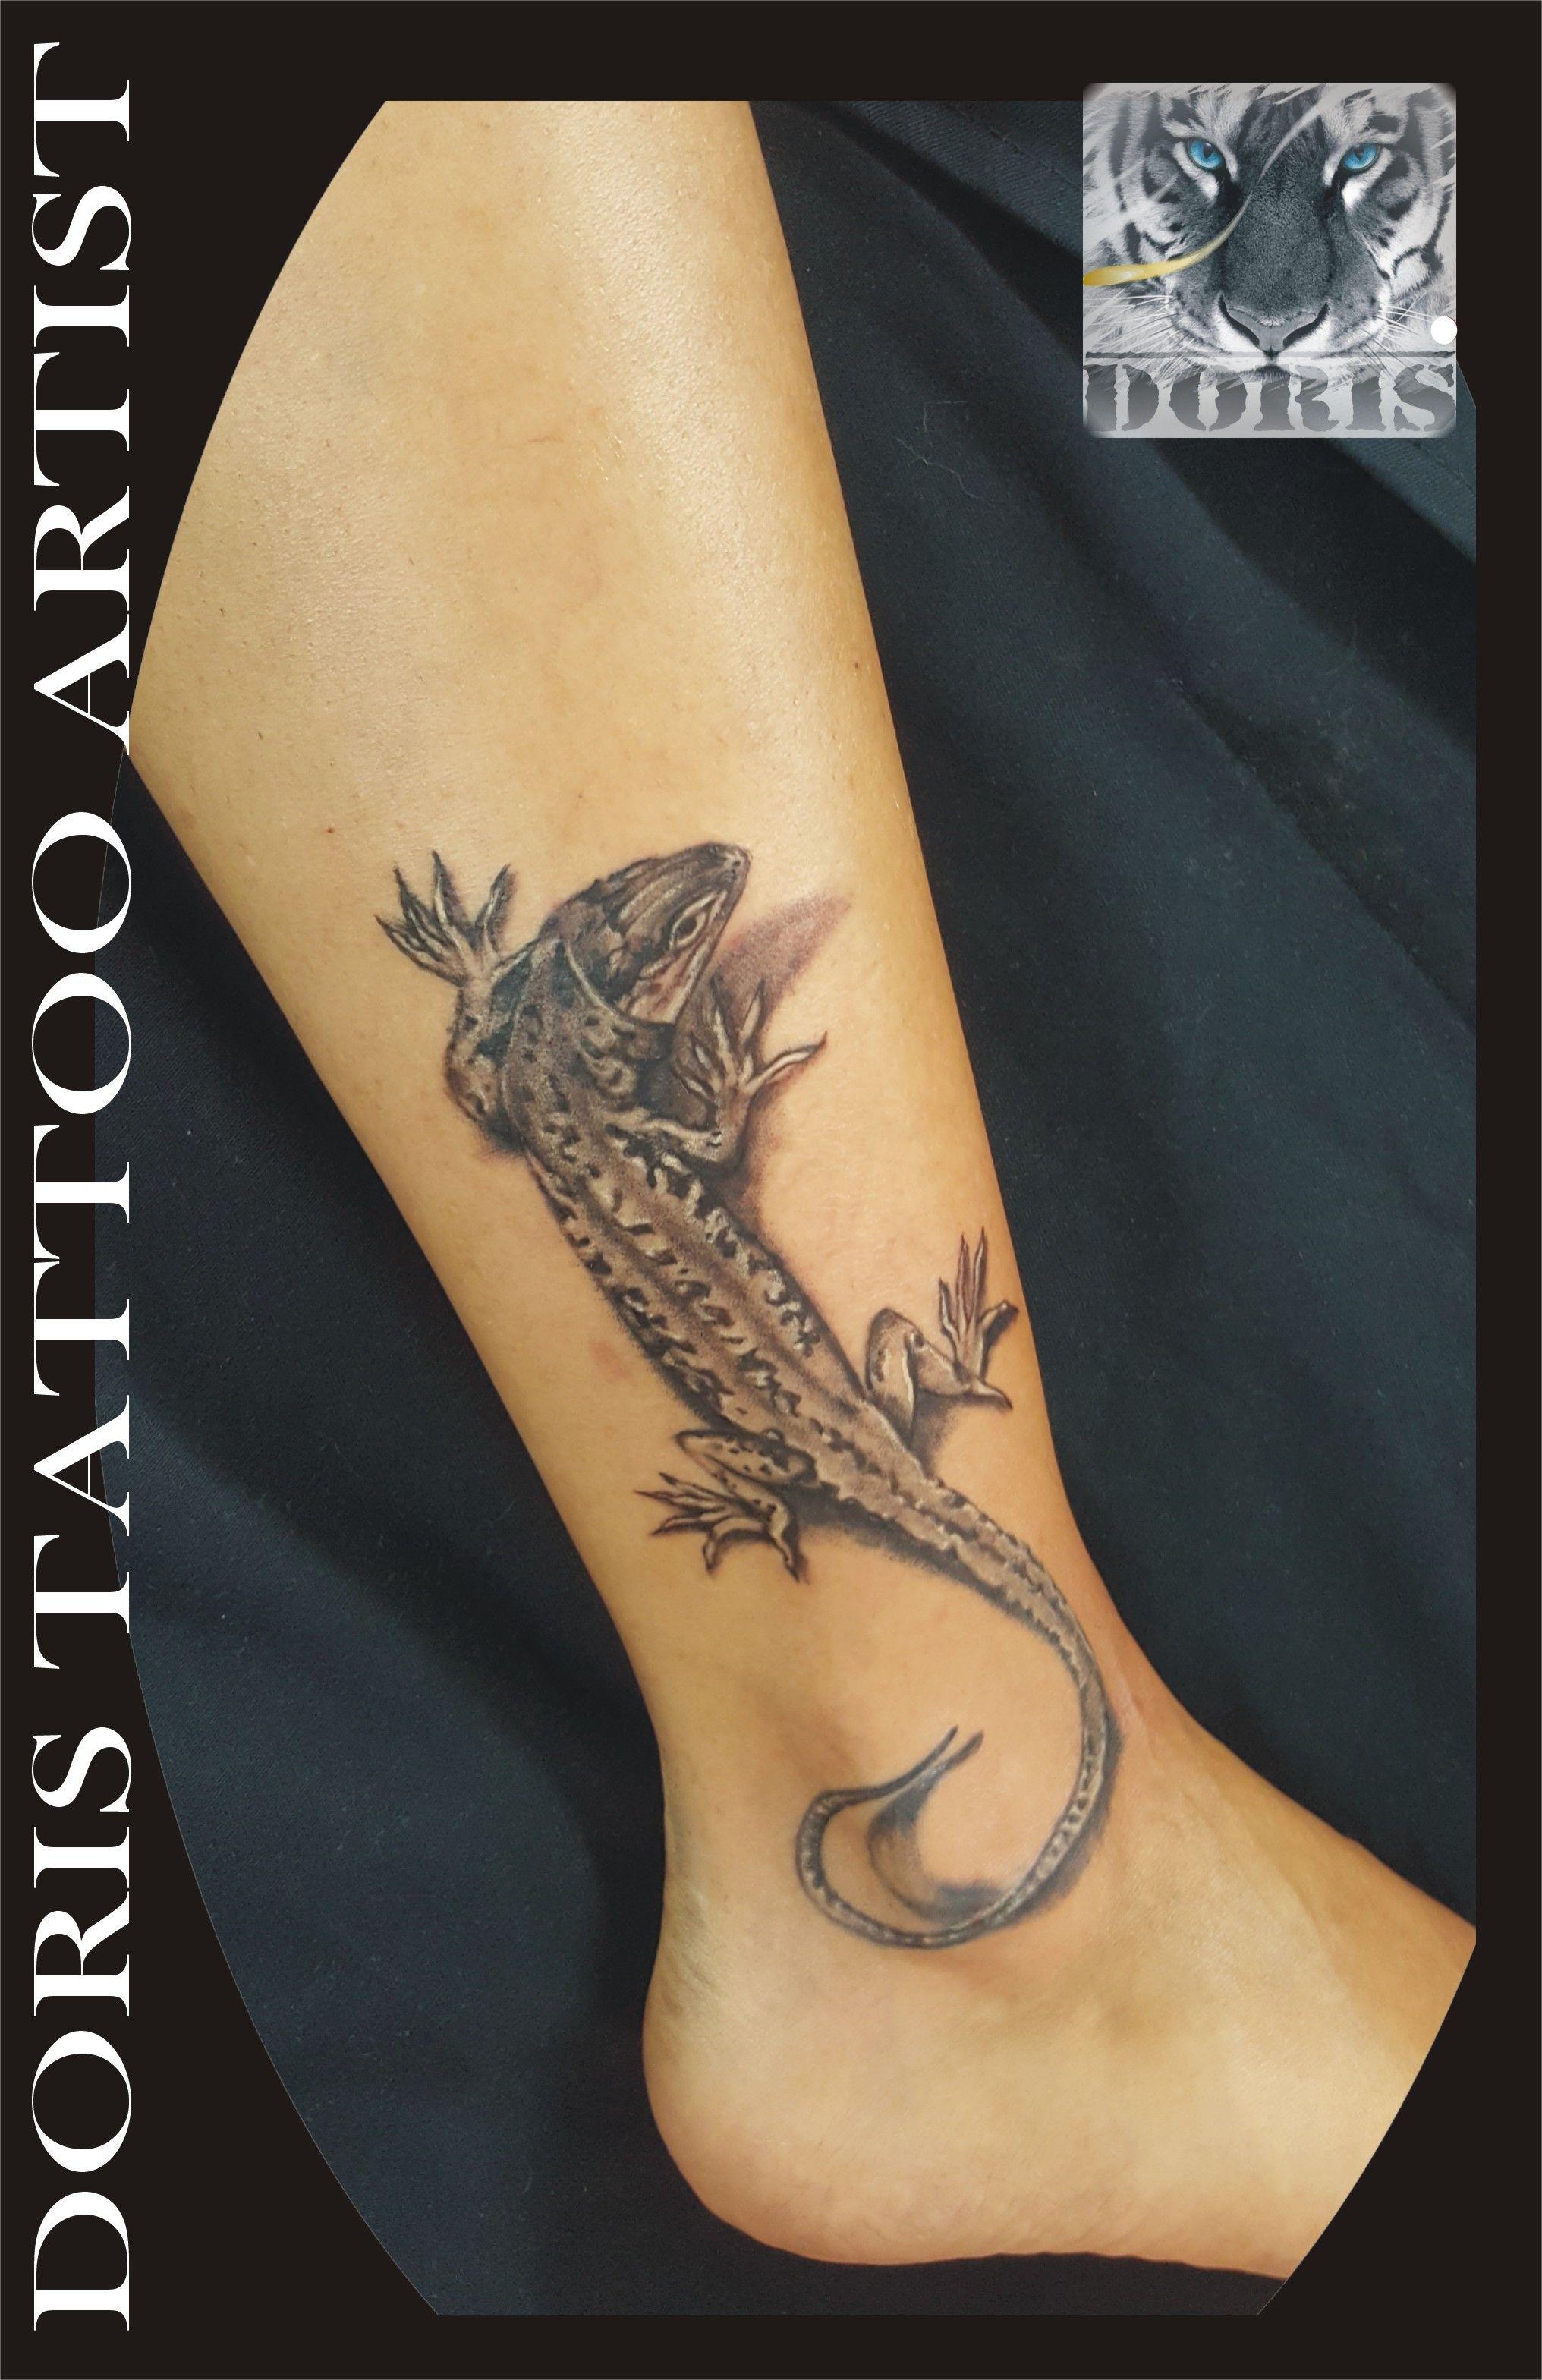 dcd7936ed 3d lizard ankle tattoo | Doris aluf - tattoo Israel / קעקועים דוריס ...